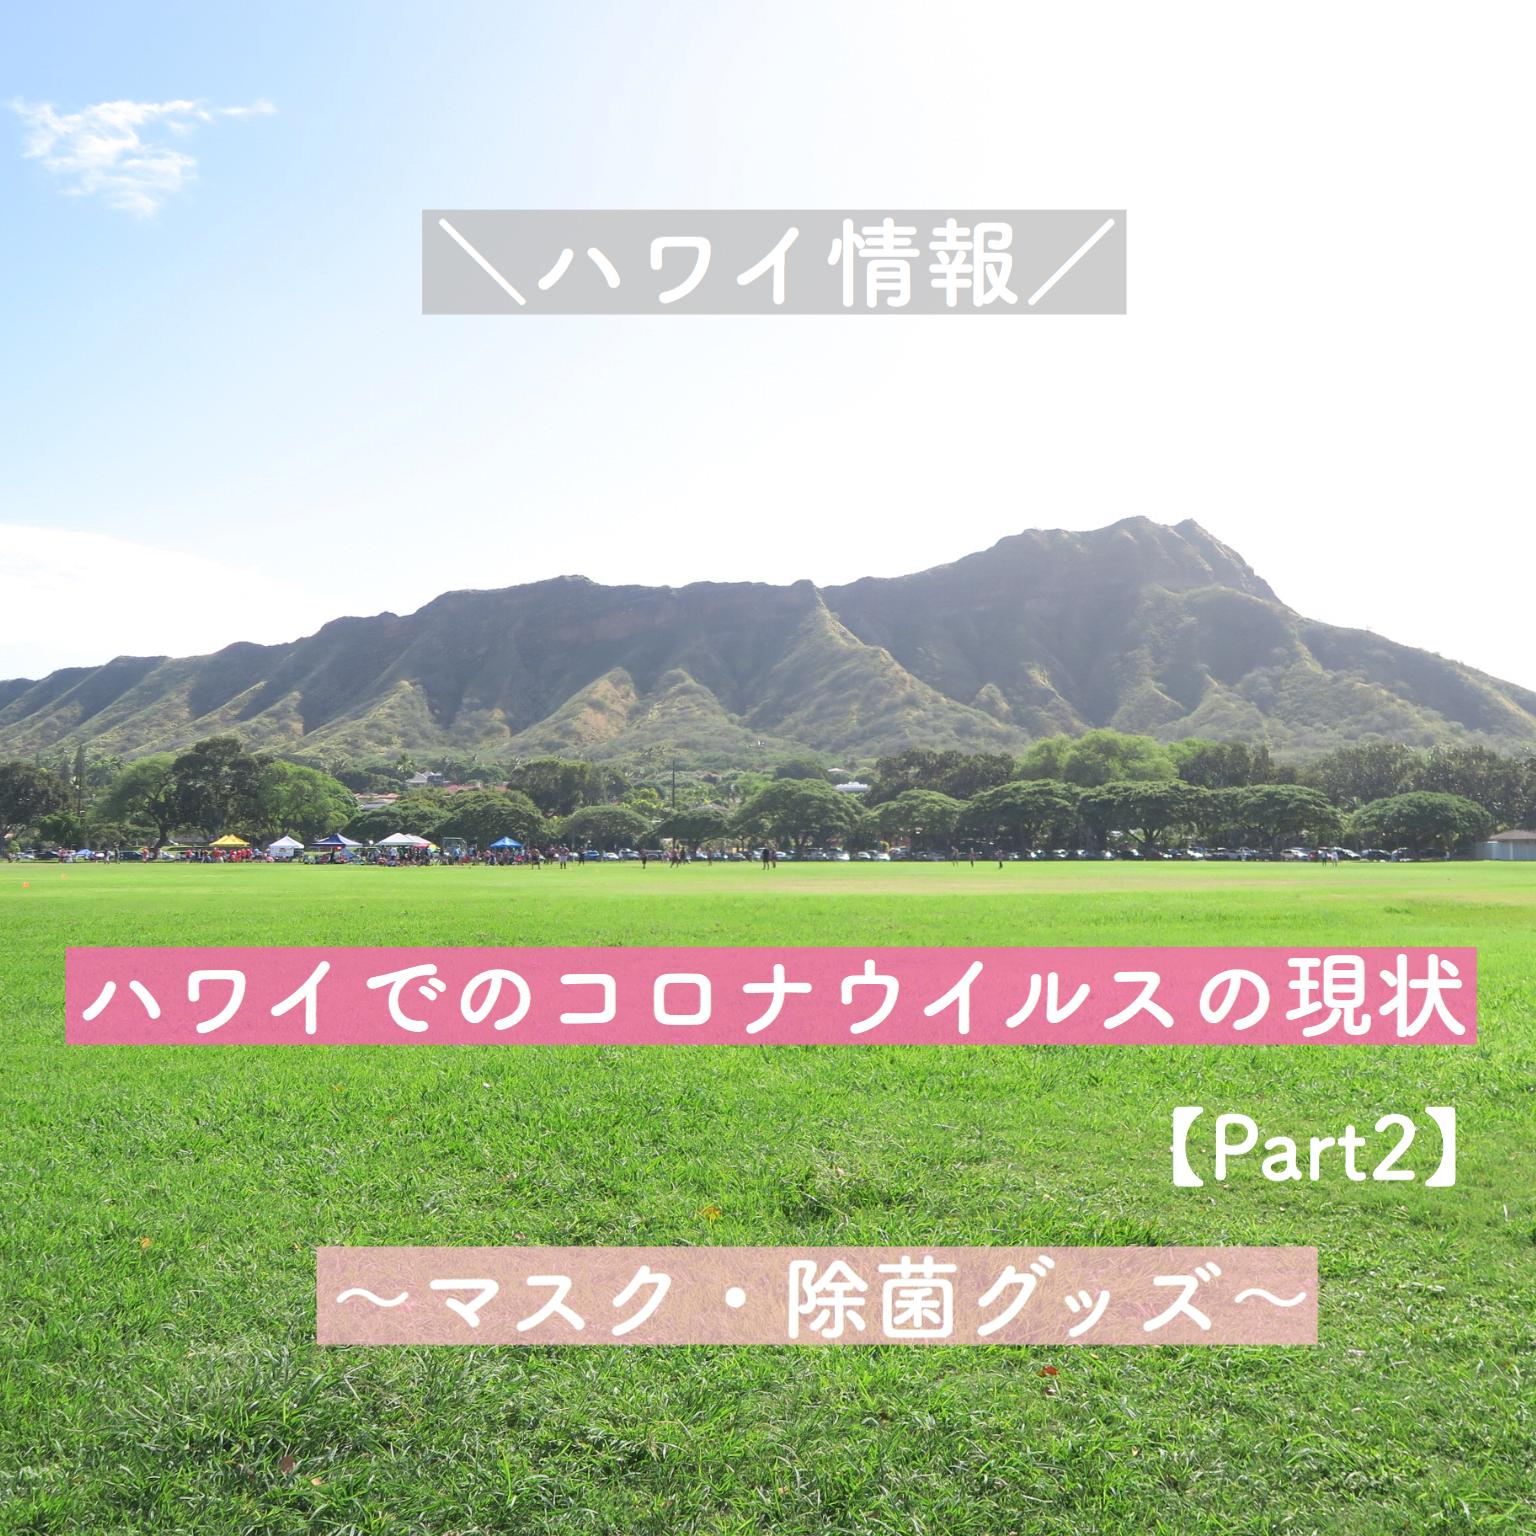 【ハワイコロナ情報】ハワイでの新型コロナウイルスの現状 マスク・除菌グッズについて